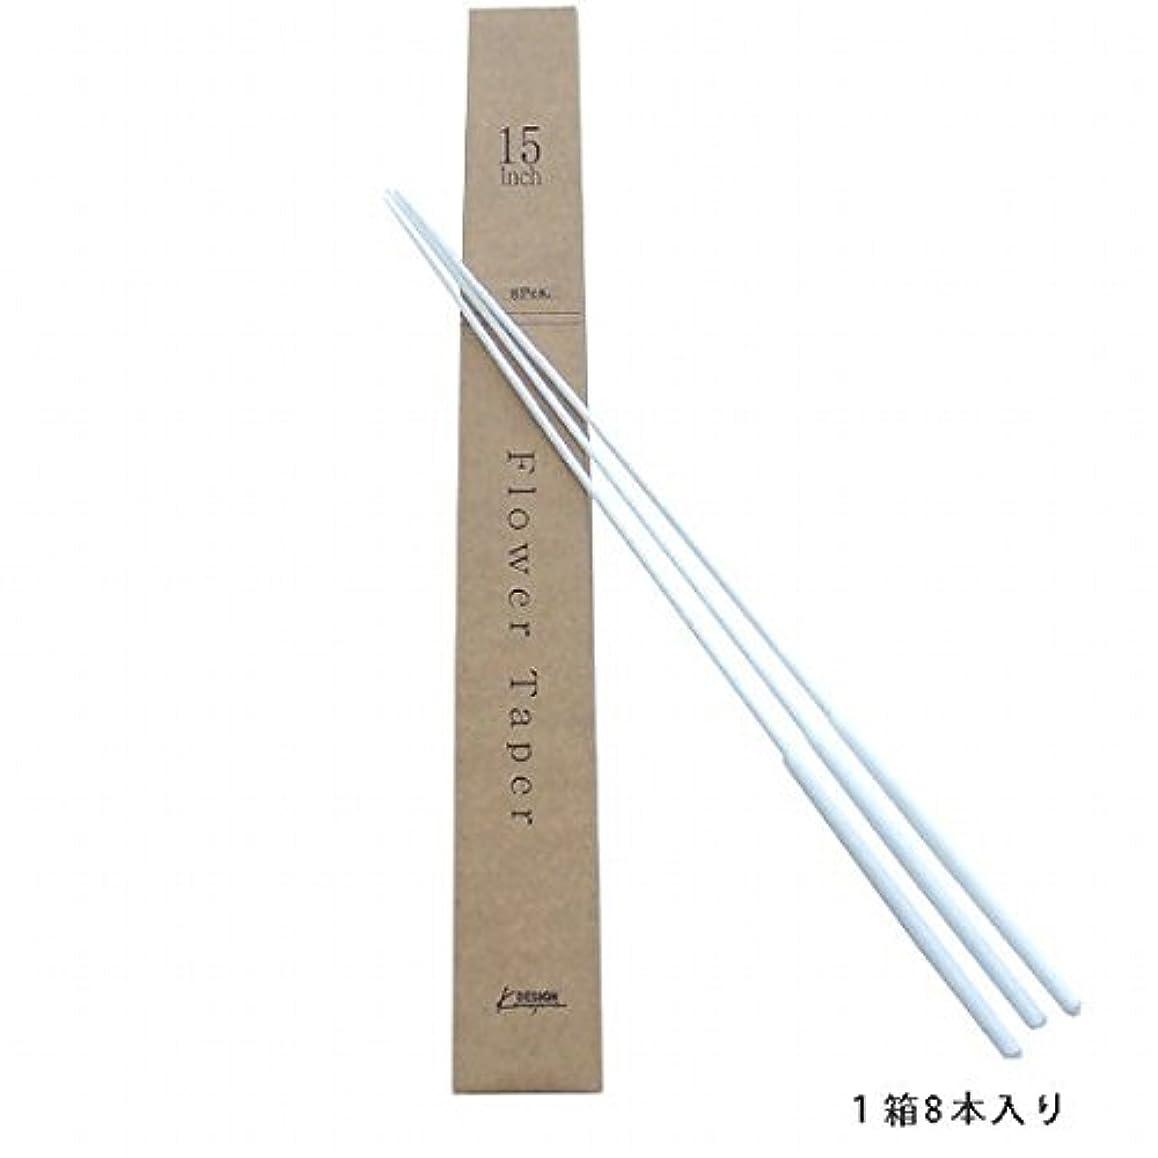 にもかかわらず苦しむ勤勉なカメヤマキャンドル( kameyama candle ) 15インチトーチ用フラワーテーパー 8本入 「 ホワイト 」